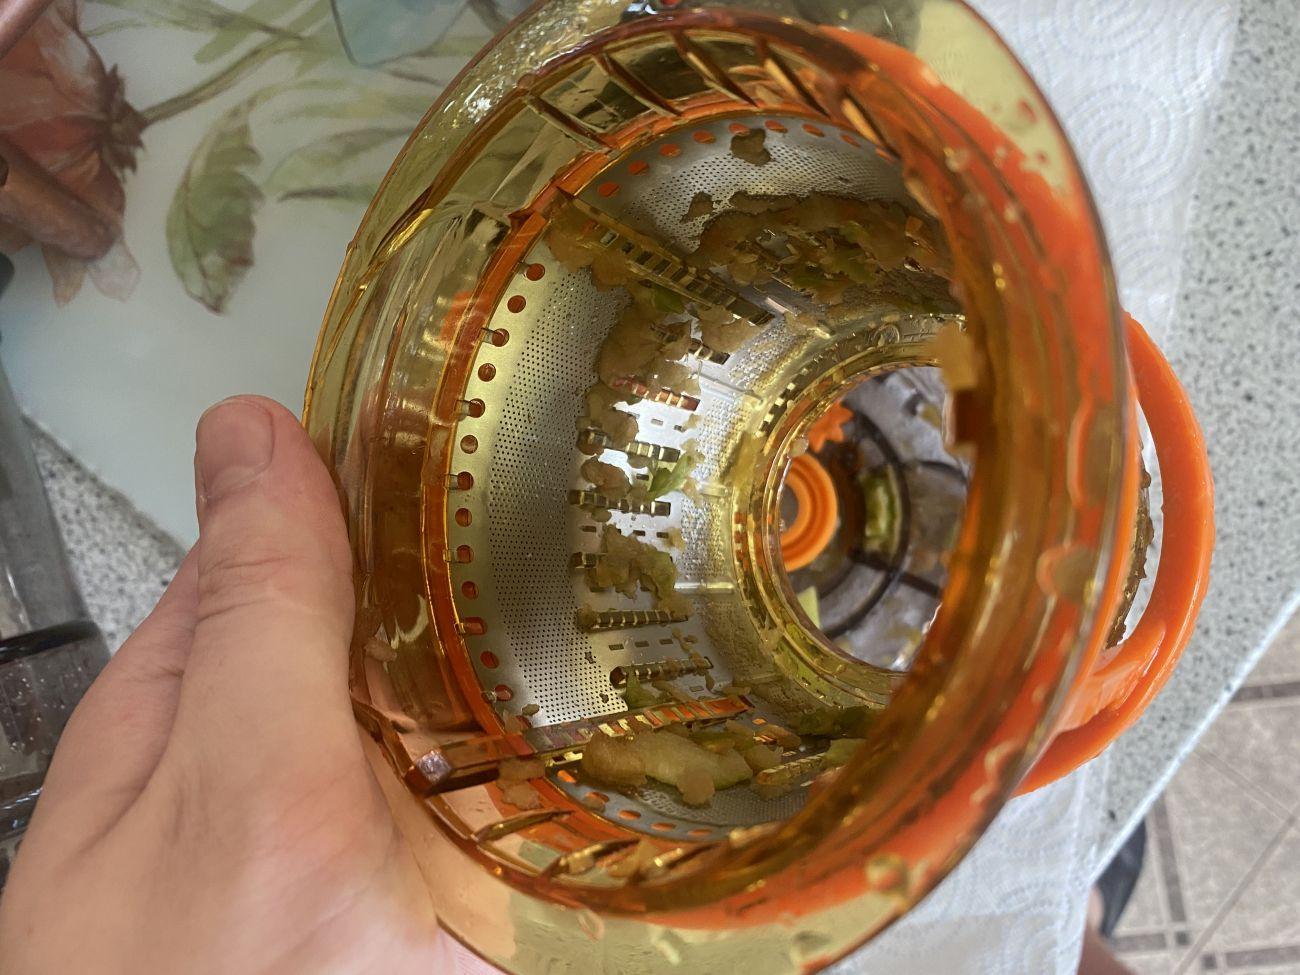 Götze & Jensen SJ901T sitko przygotowane do mycia